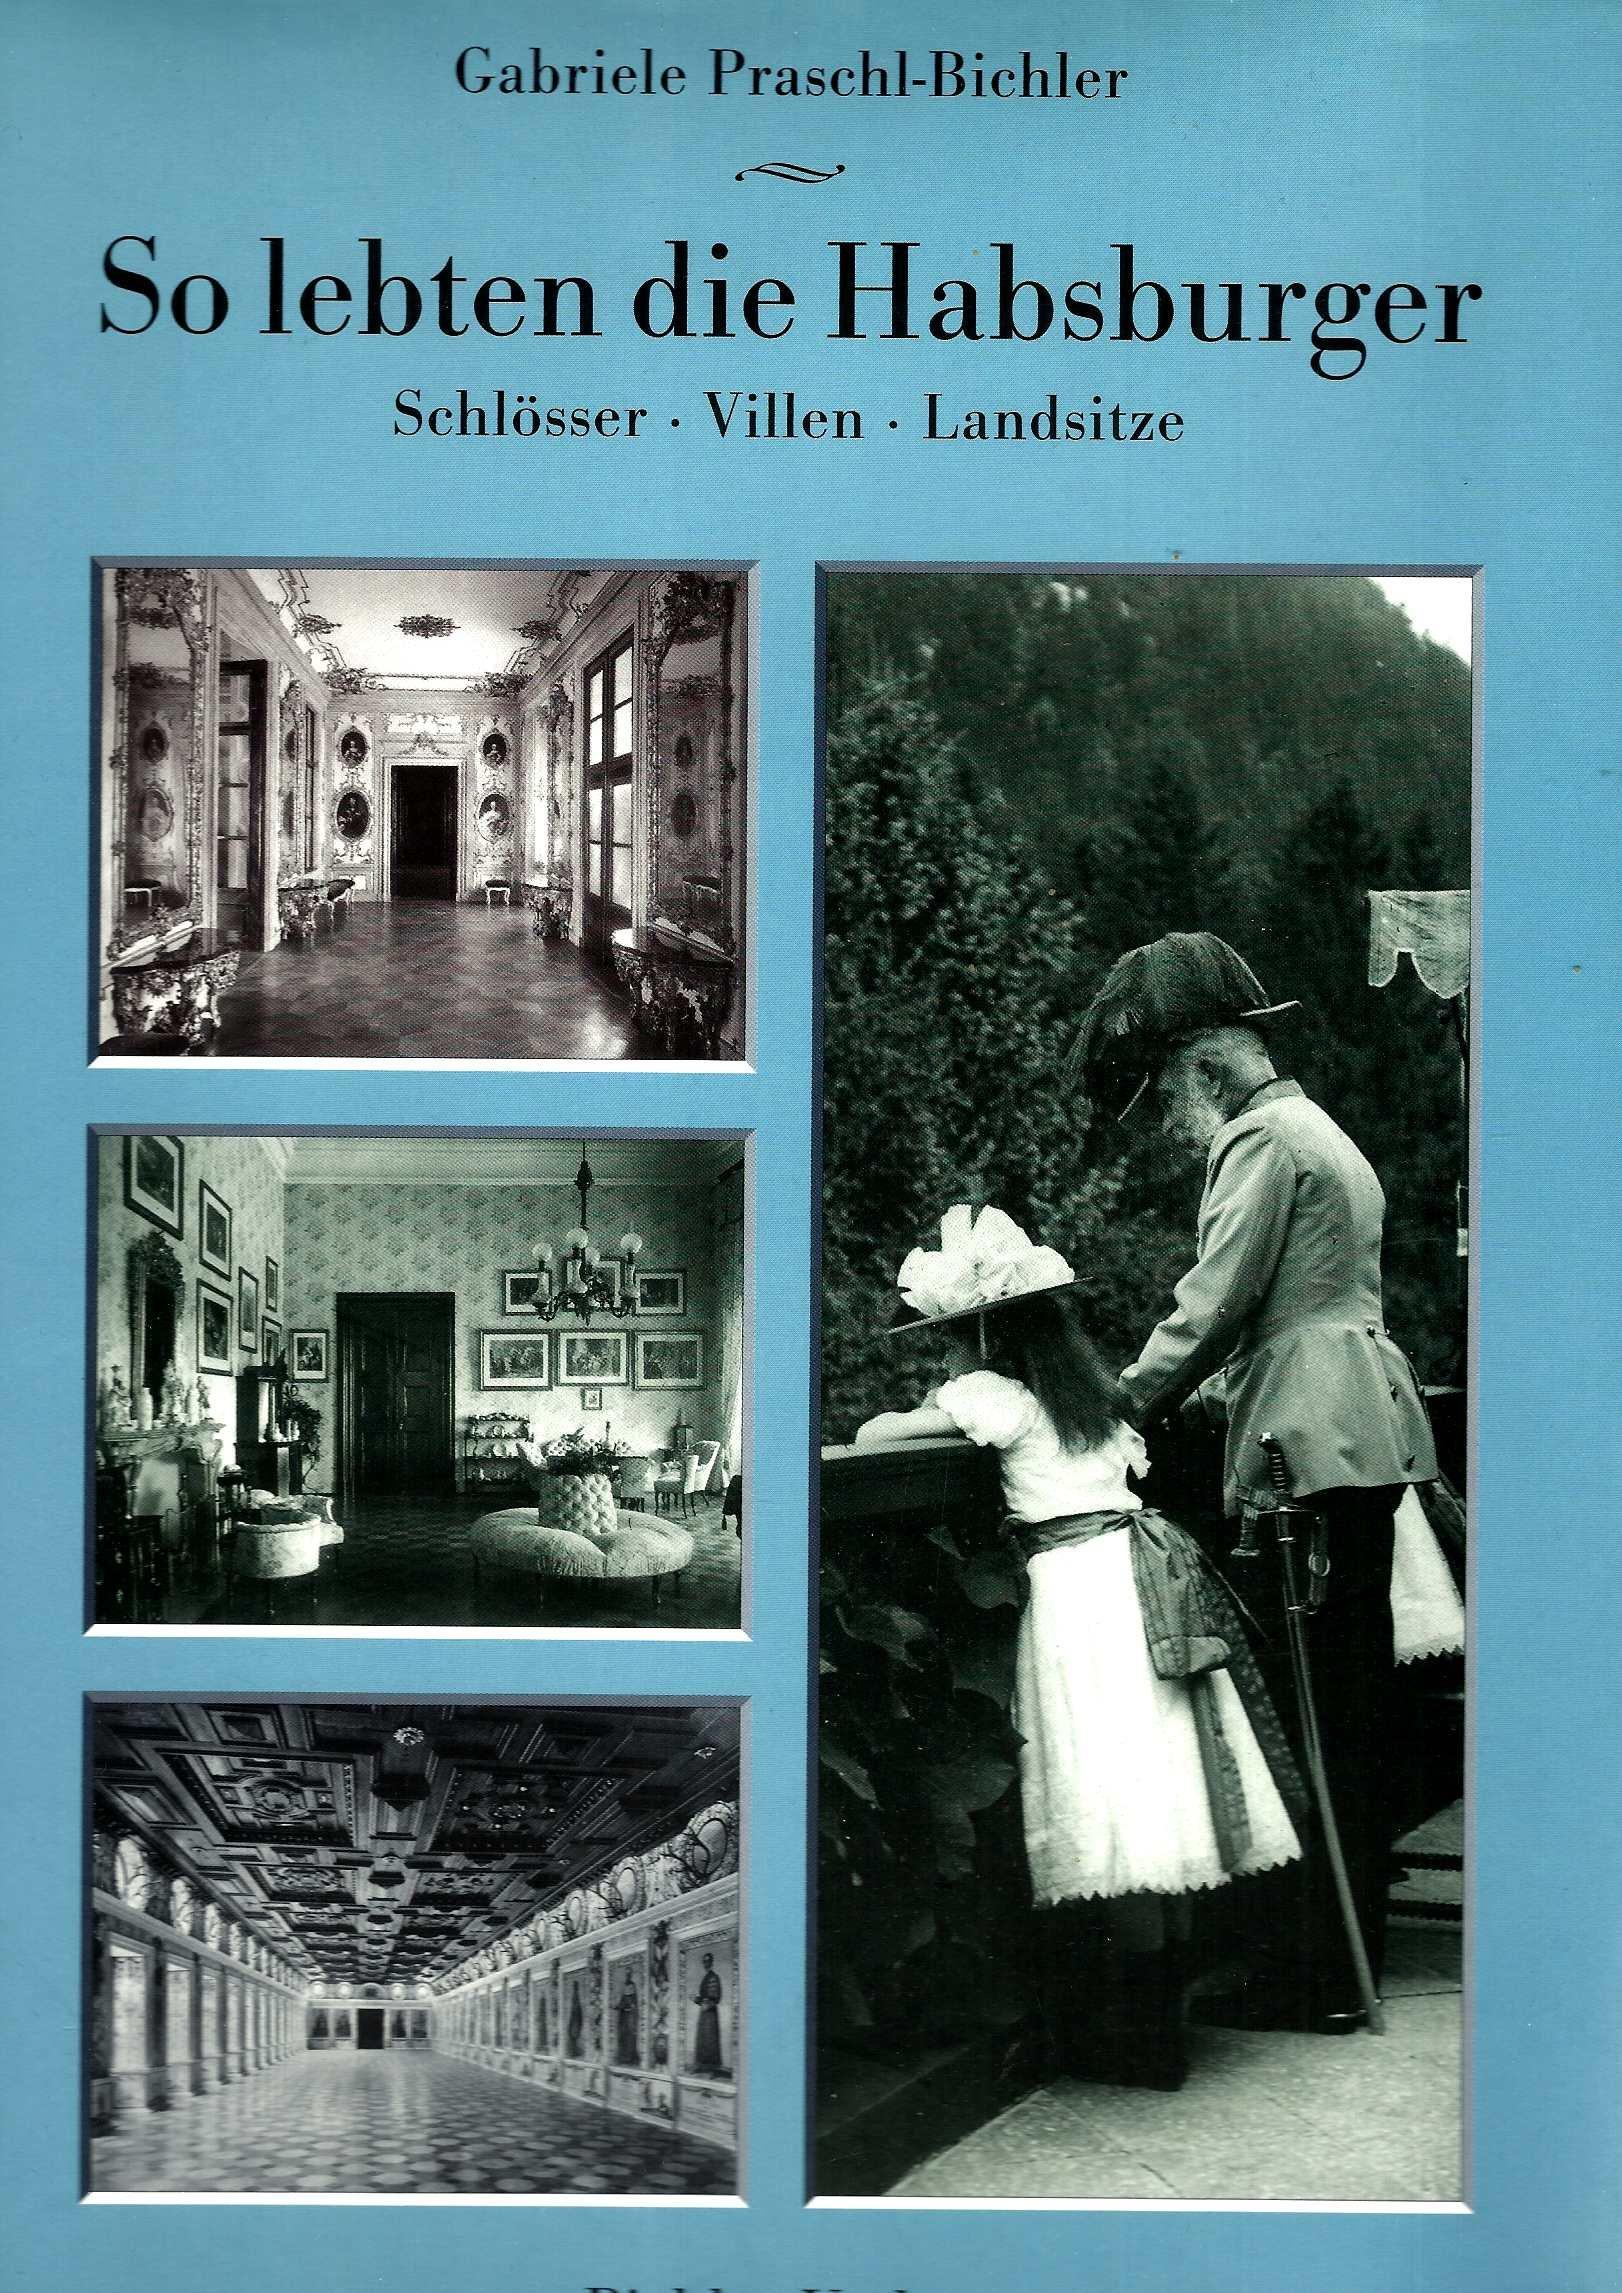 So lebten die Habsburger. Schlösser - Villen - Landsitze